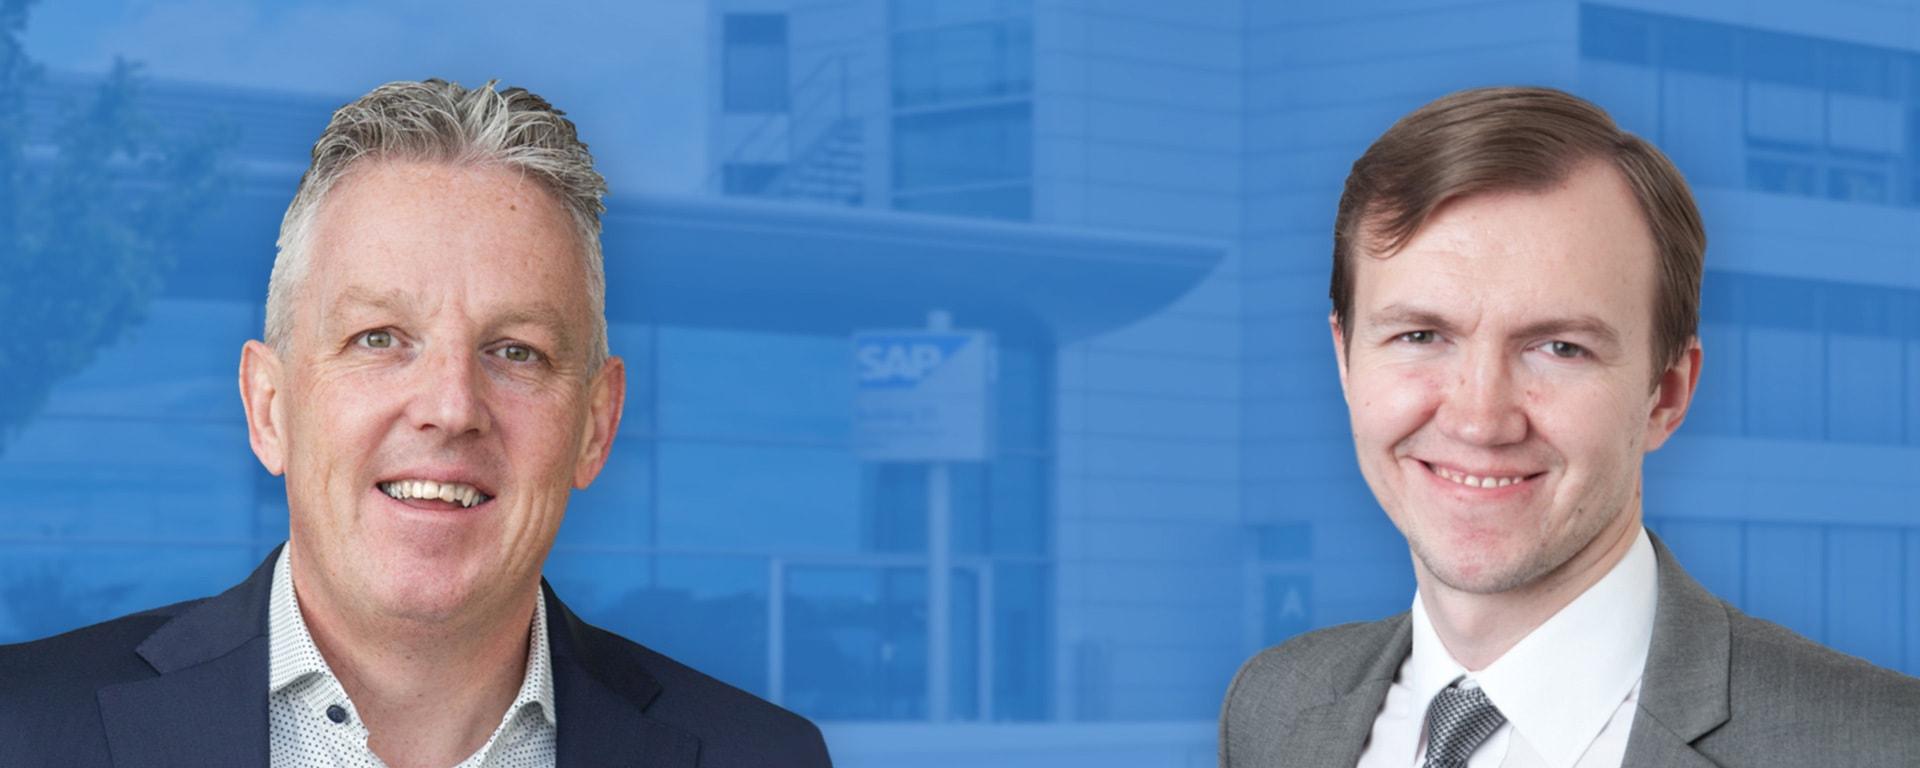 Prozessmanagement und HR: SAP-Experteninterview_Headerbild